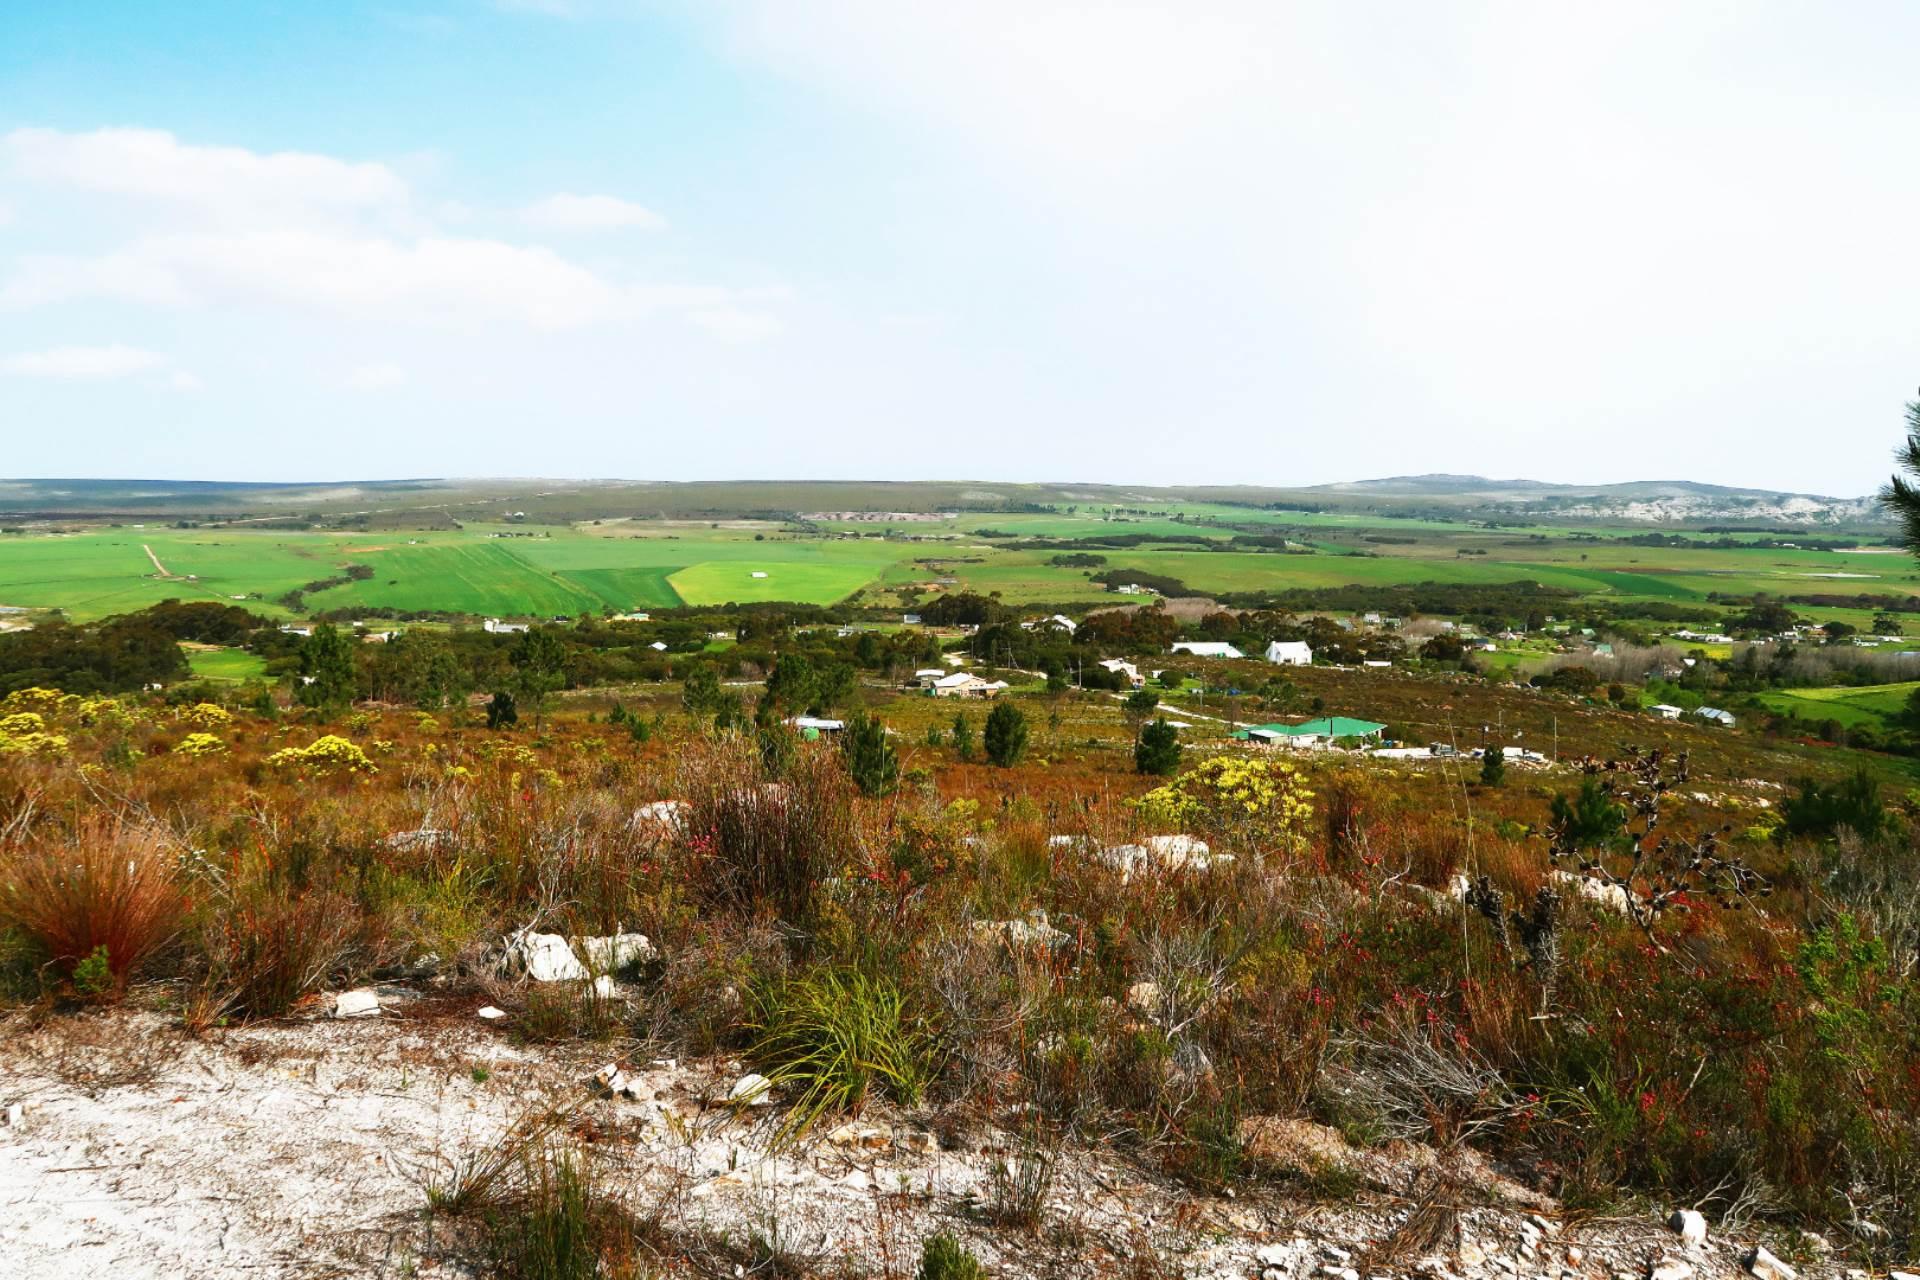 Vacant Land Residential For Sale In Baardskeerdersbos